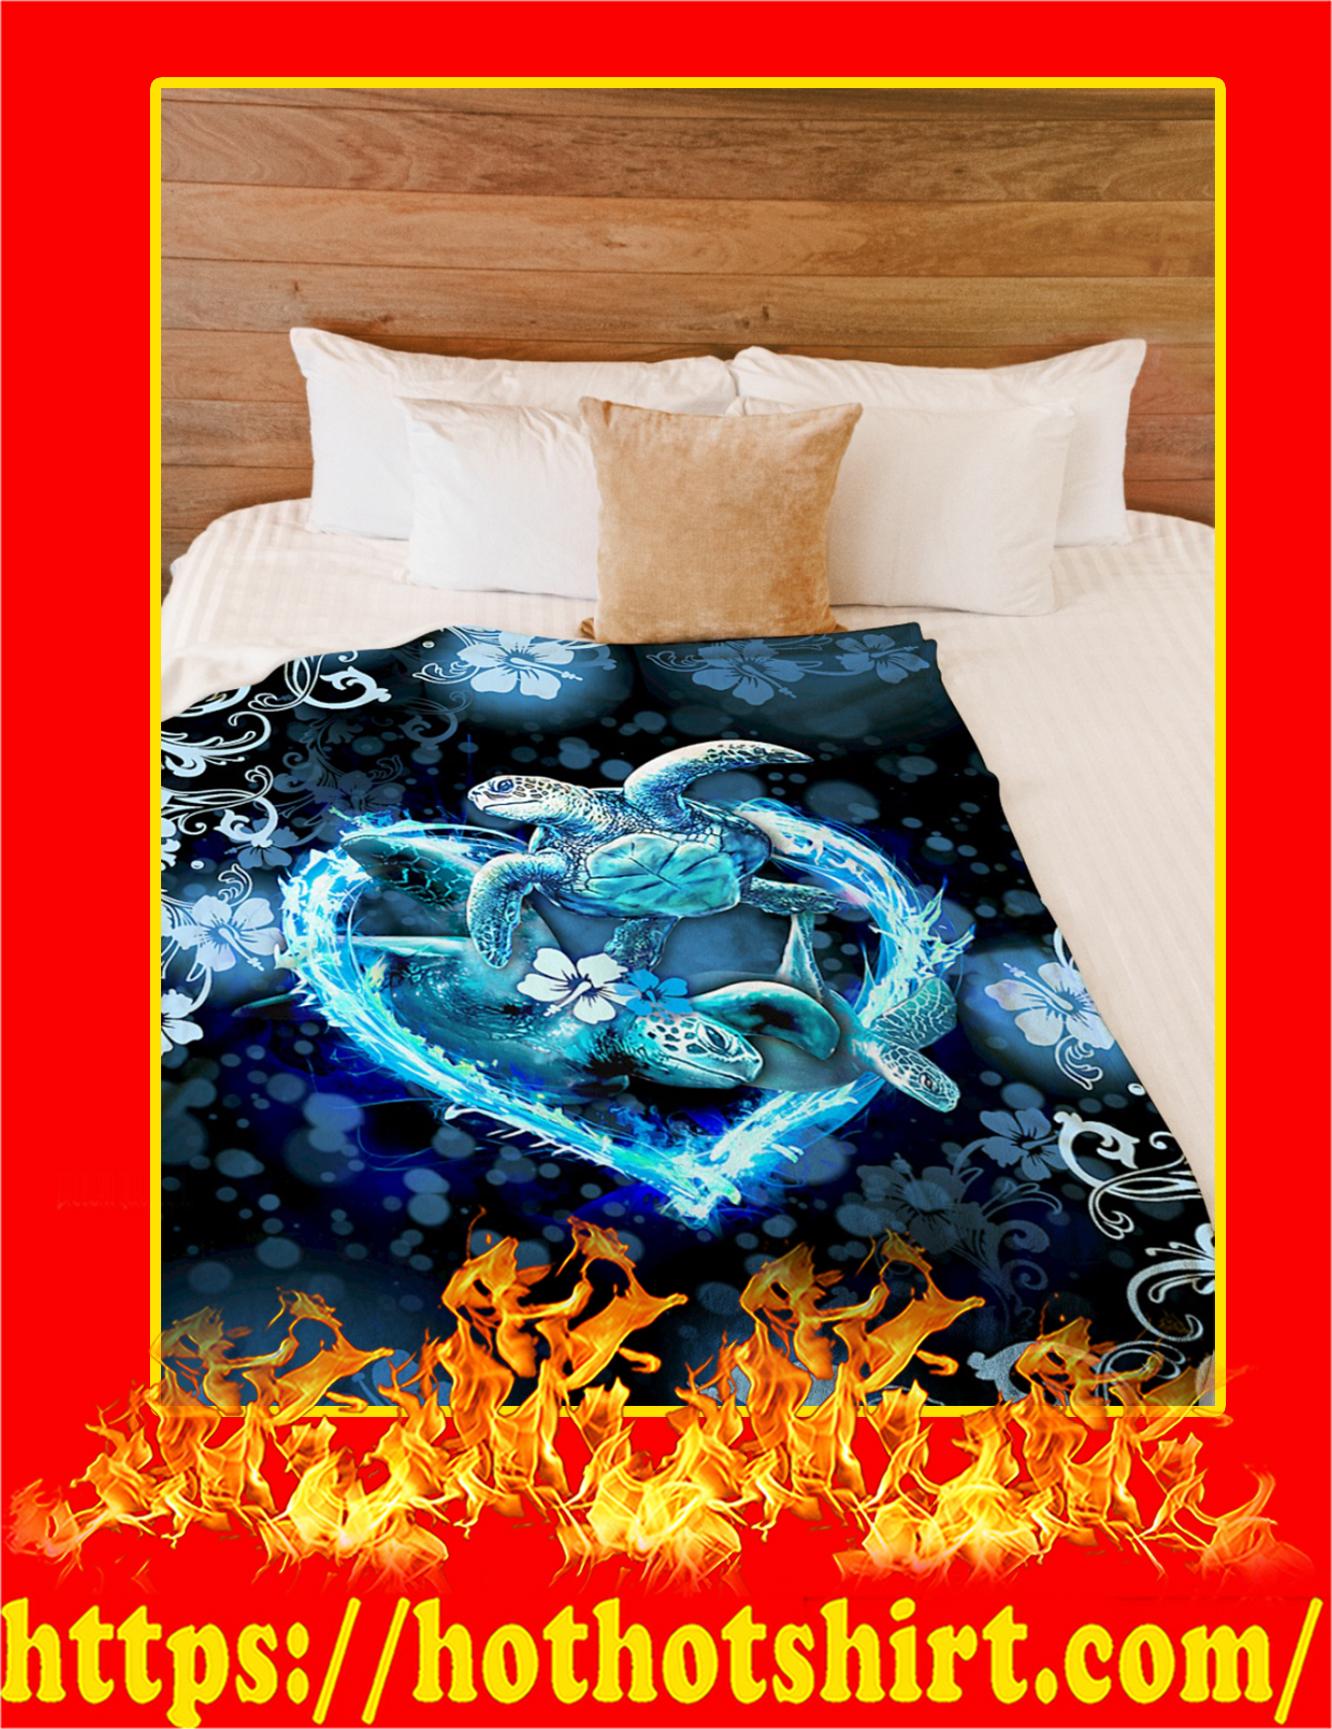 I Love Turtles Flower Heart Blanket - Pic 1